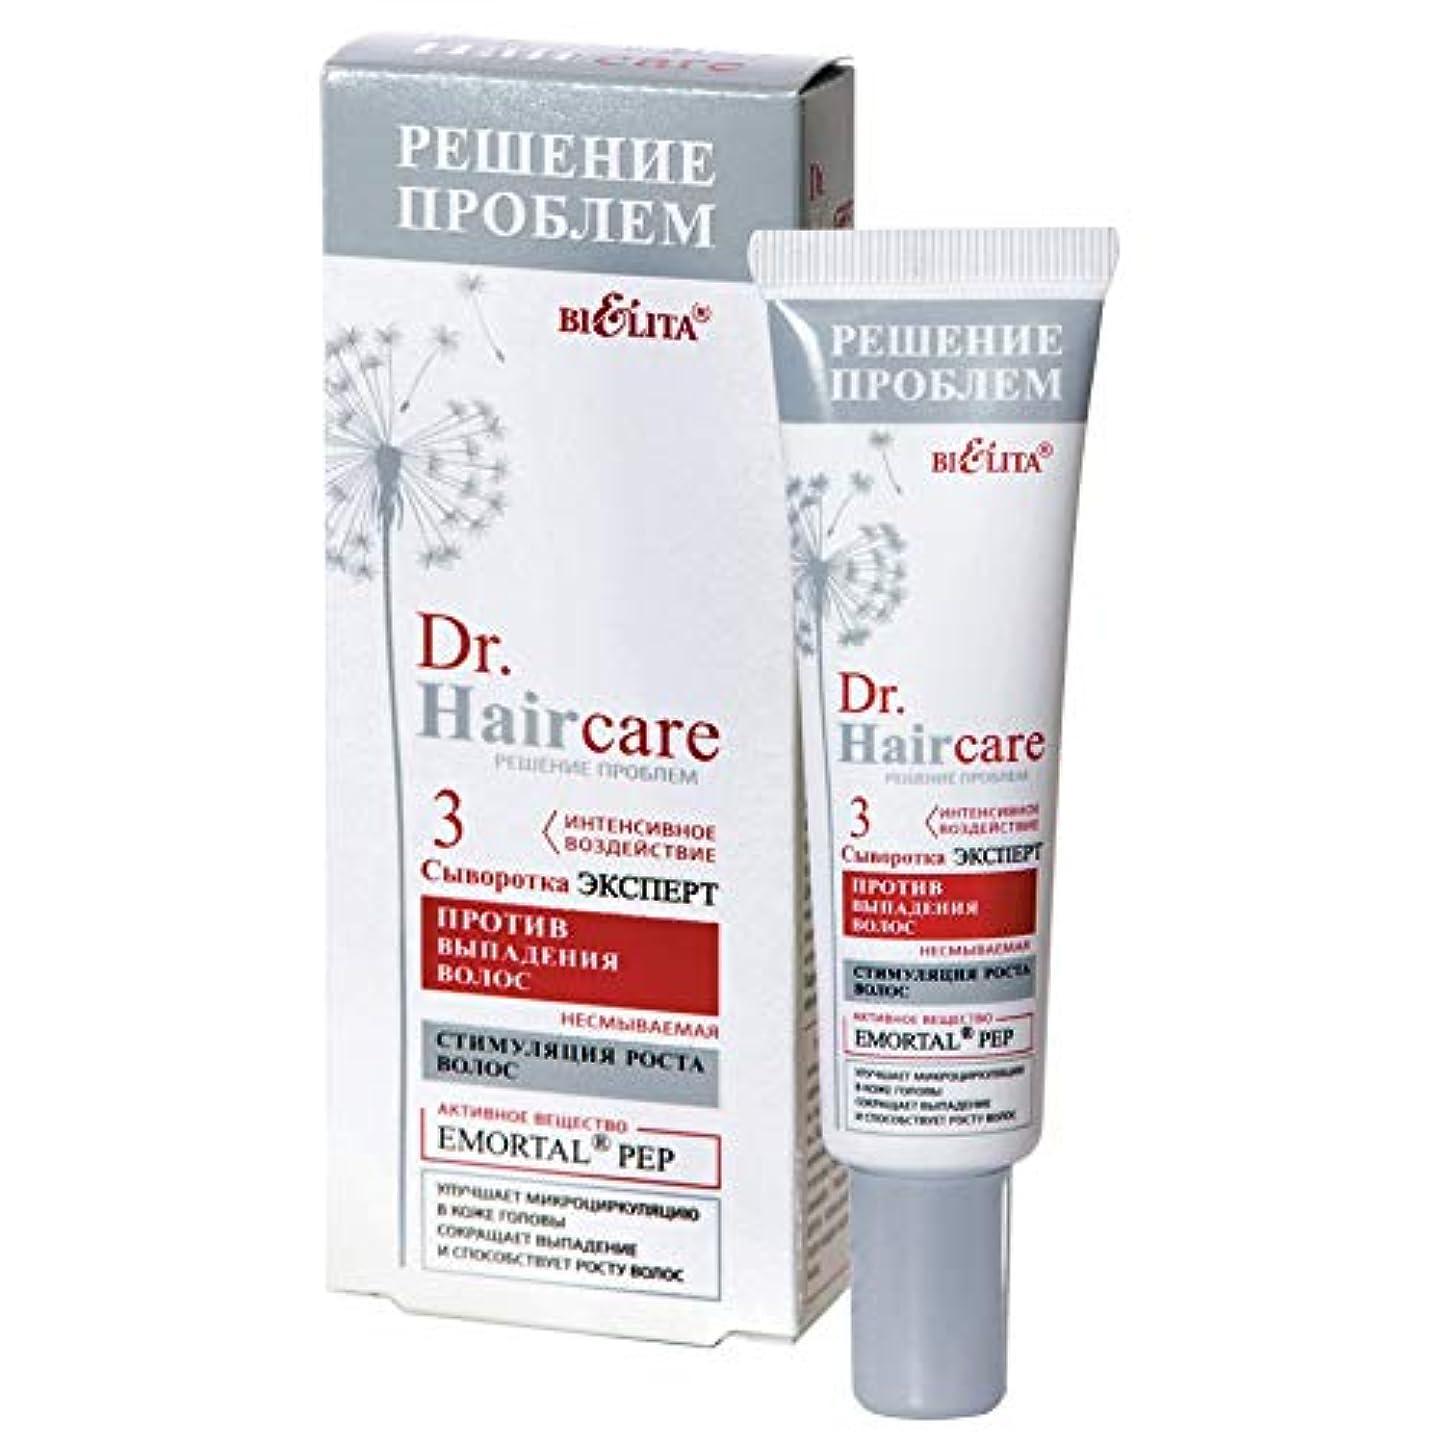 満足させる関係ない恐怖Bielita & Vitex   Serum for Hair Loss   Dr. Hair care   EXPERT for Hair Loss   30 ml